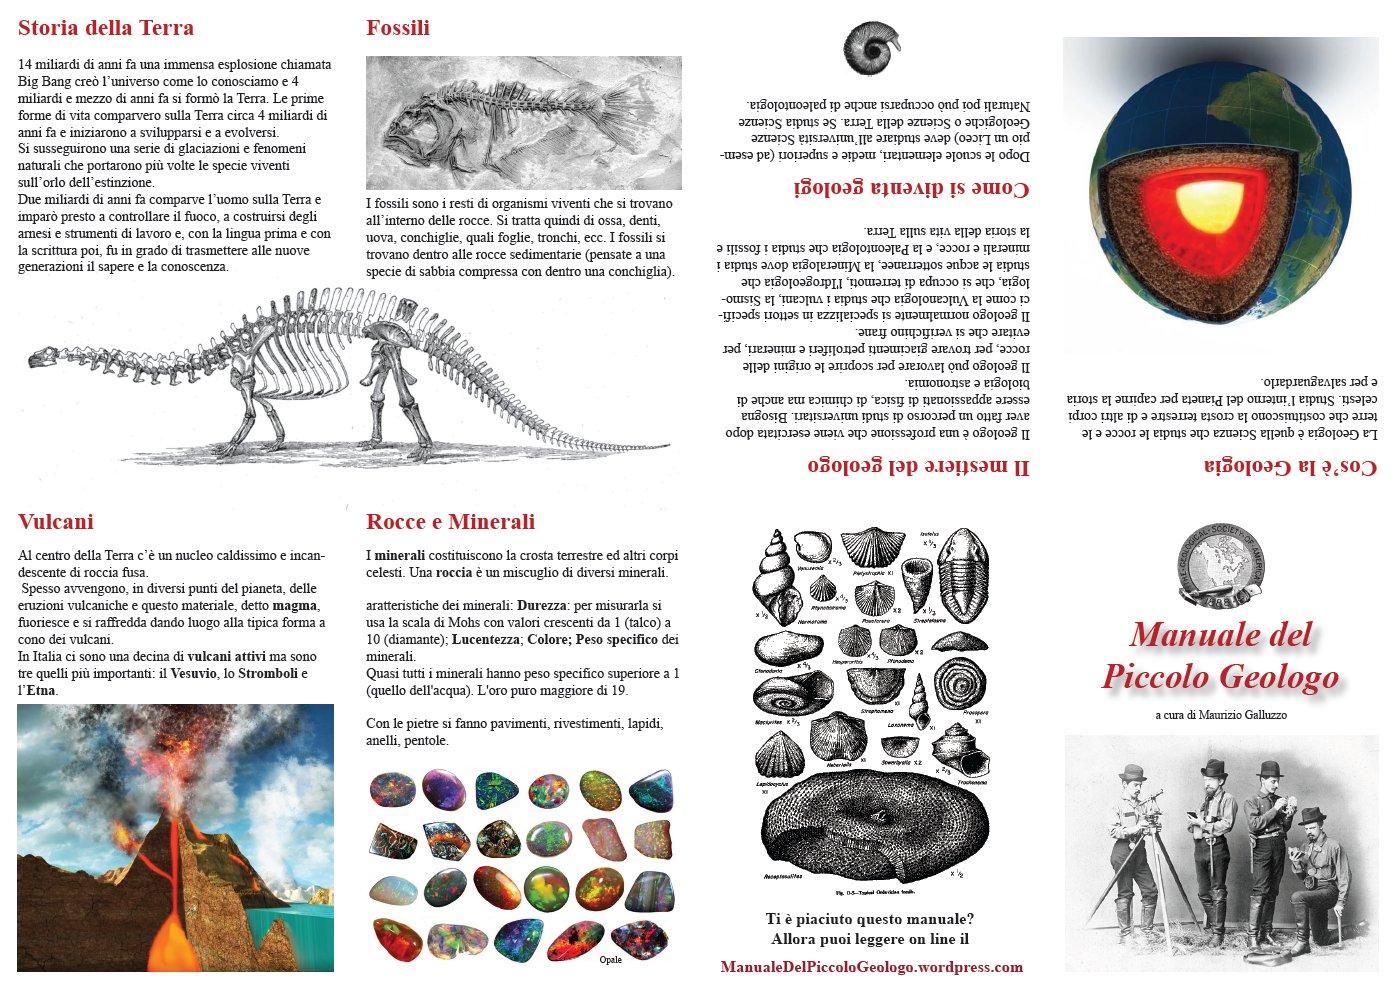 manuale_del_piccolo_geologo_01